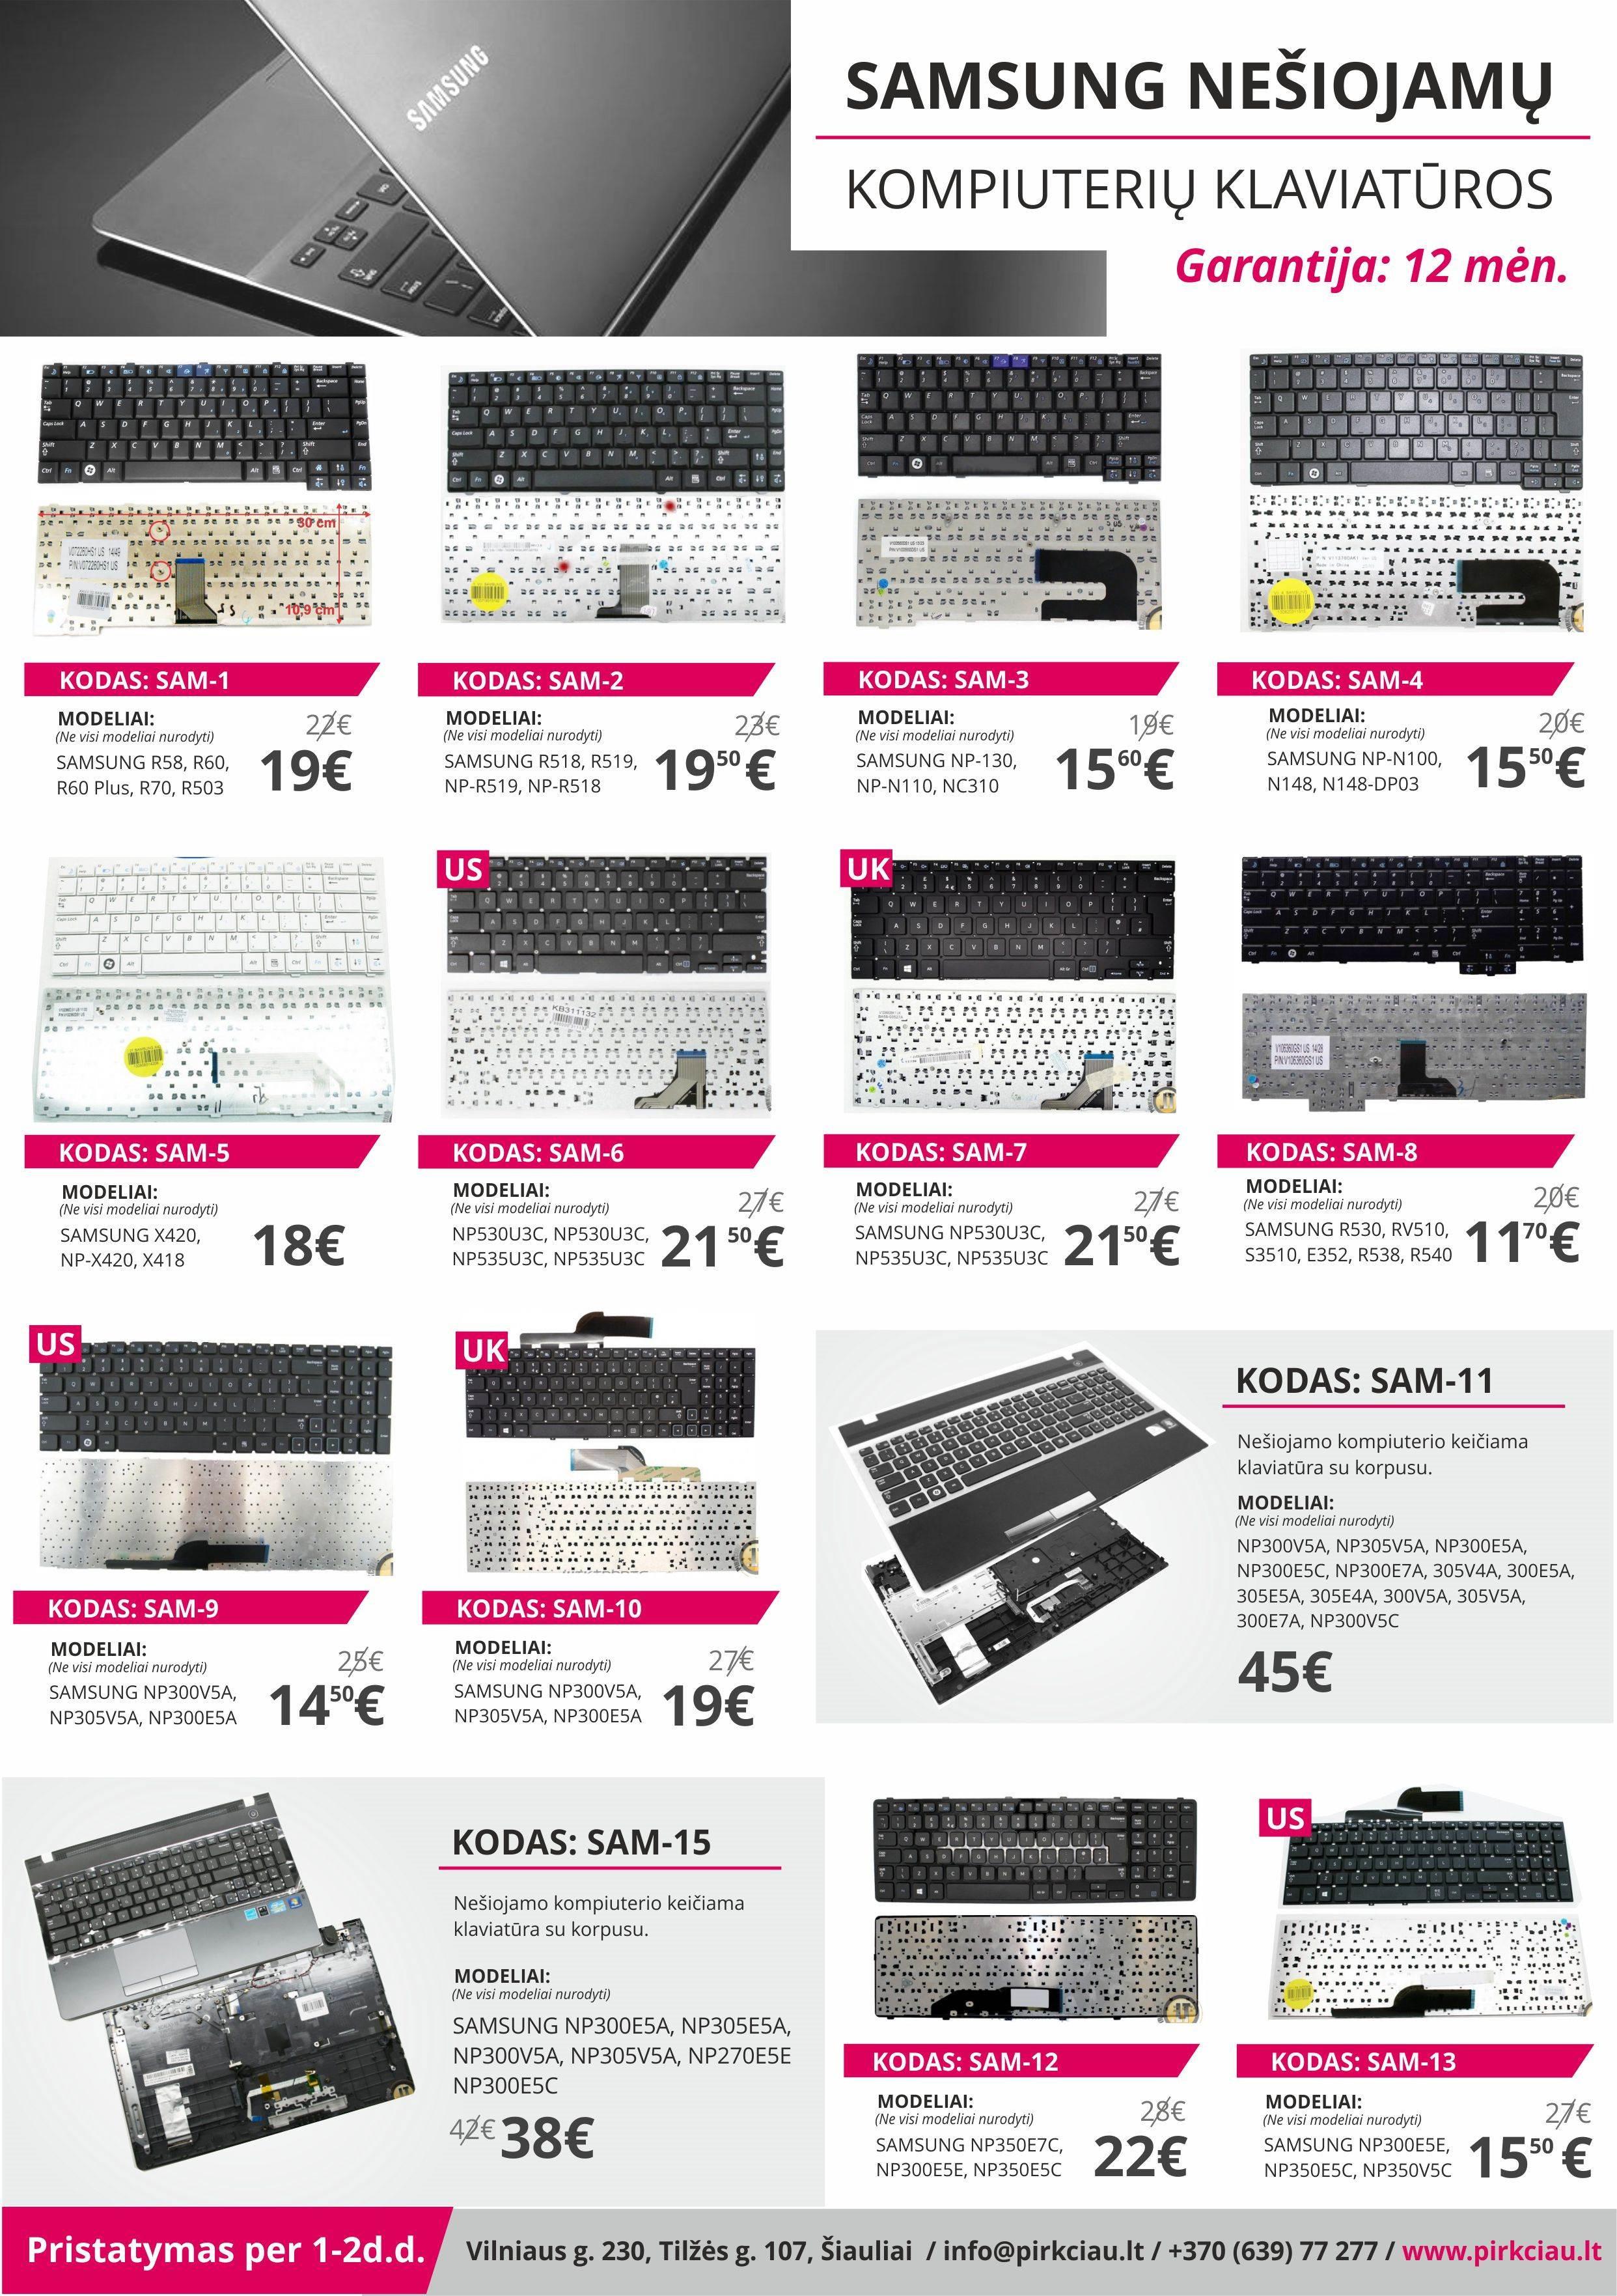 PIGIAUSIOS SAMSUNG nešiojamų kompiuterių klaviatūros, keitimas, remontas, Šiauliai